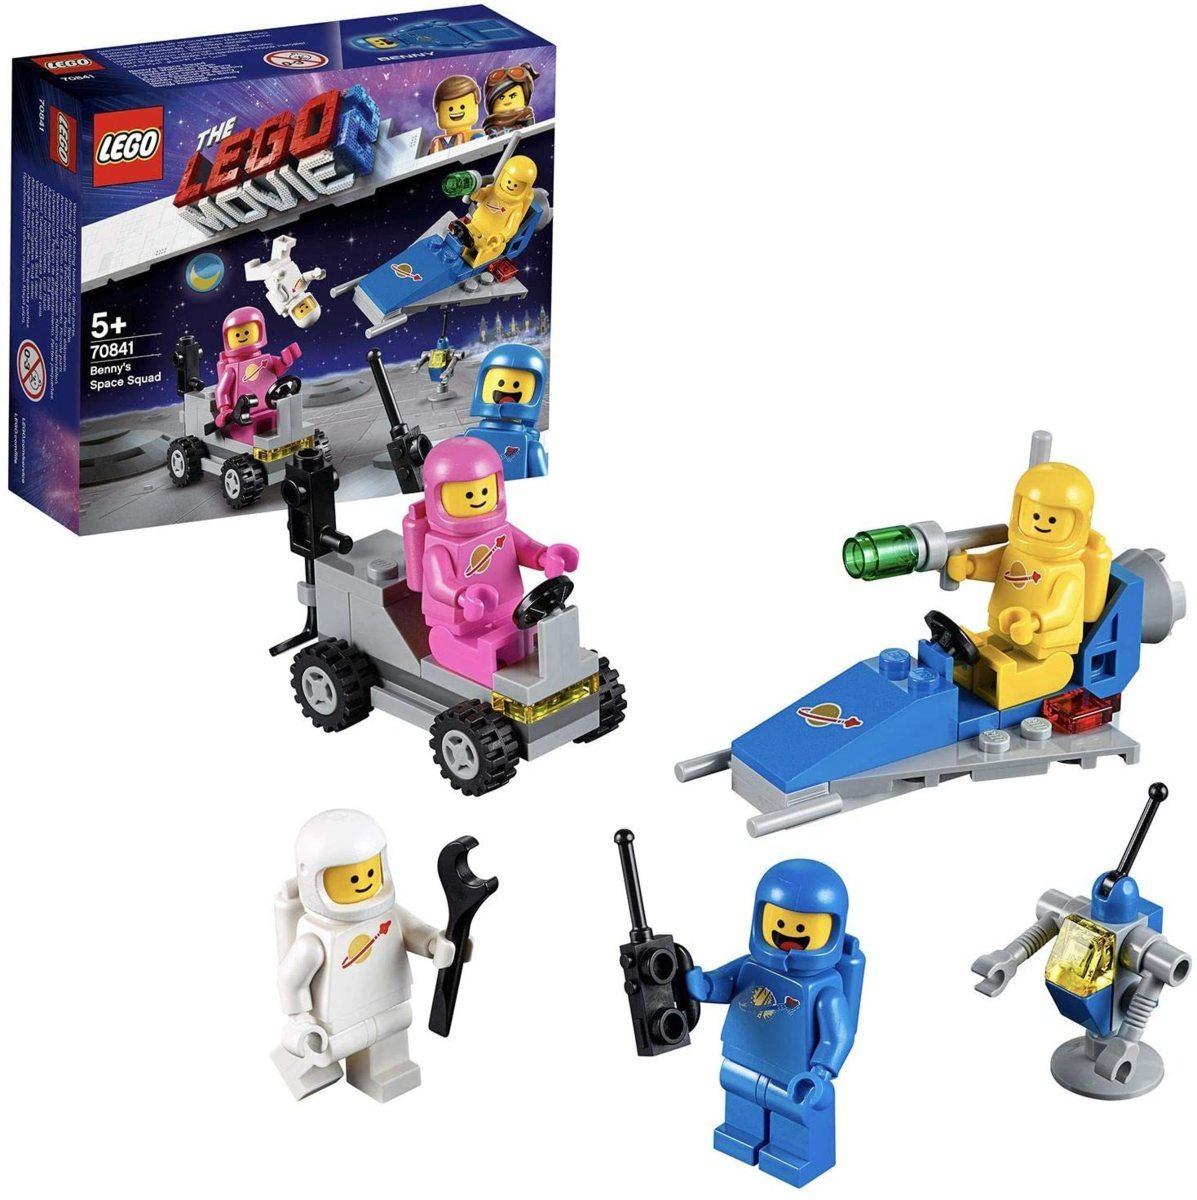 レゴ(LEGO) レゴムービー ベニーの宇宙スクワッド 70841 知育玩具 ブロック おもちゃ 女の子 男の子_画像1